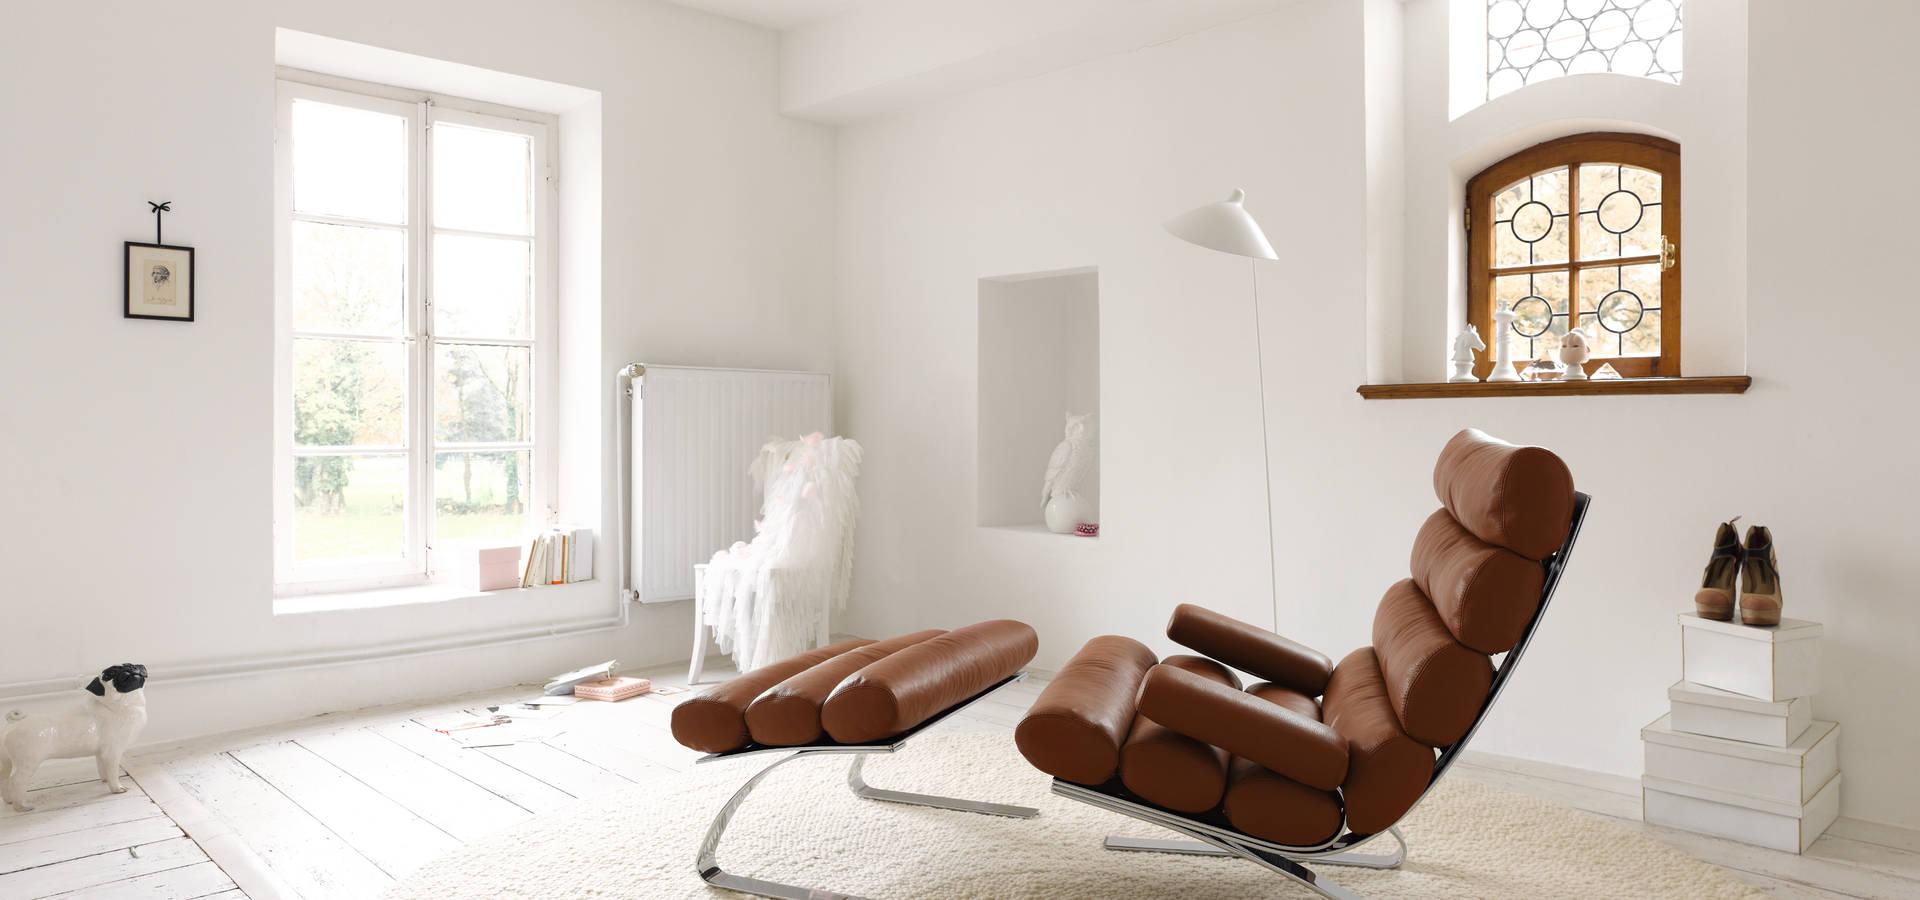 cor sitzmöbel helmut lübke gmbh & co. kg: möbel & accessoires in ... - Sitzmobel Wohnzimmer